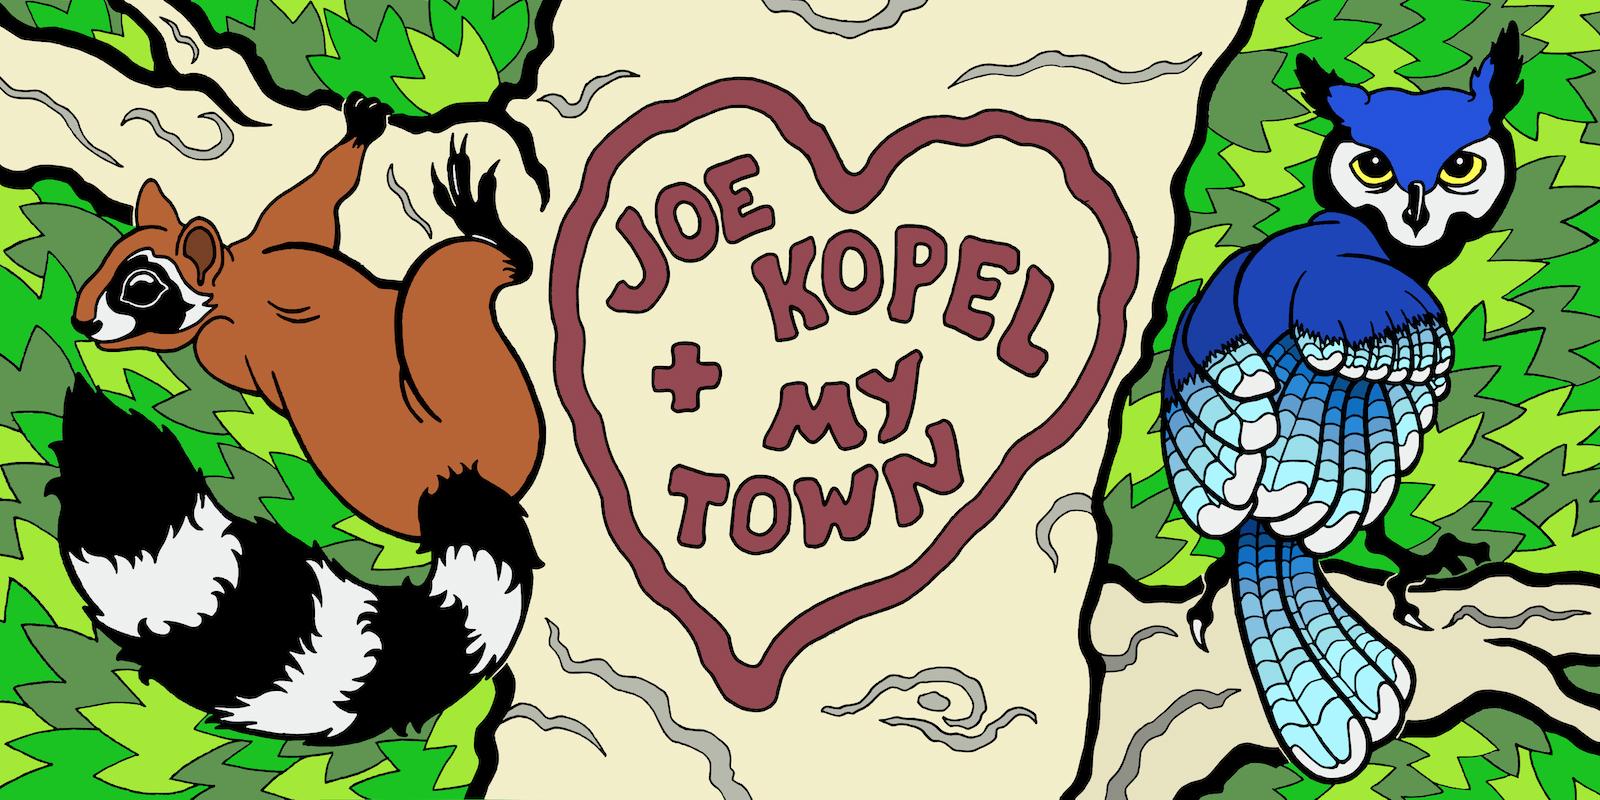 MyTown+JoeKopel.jpg